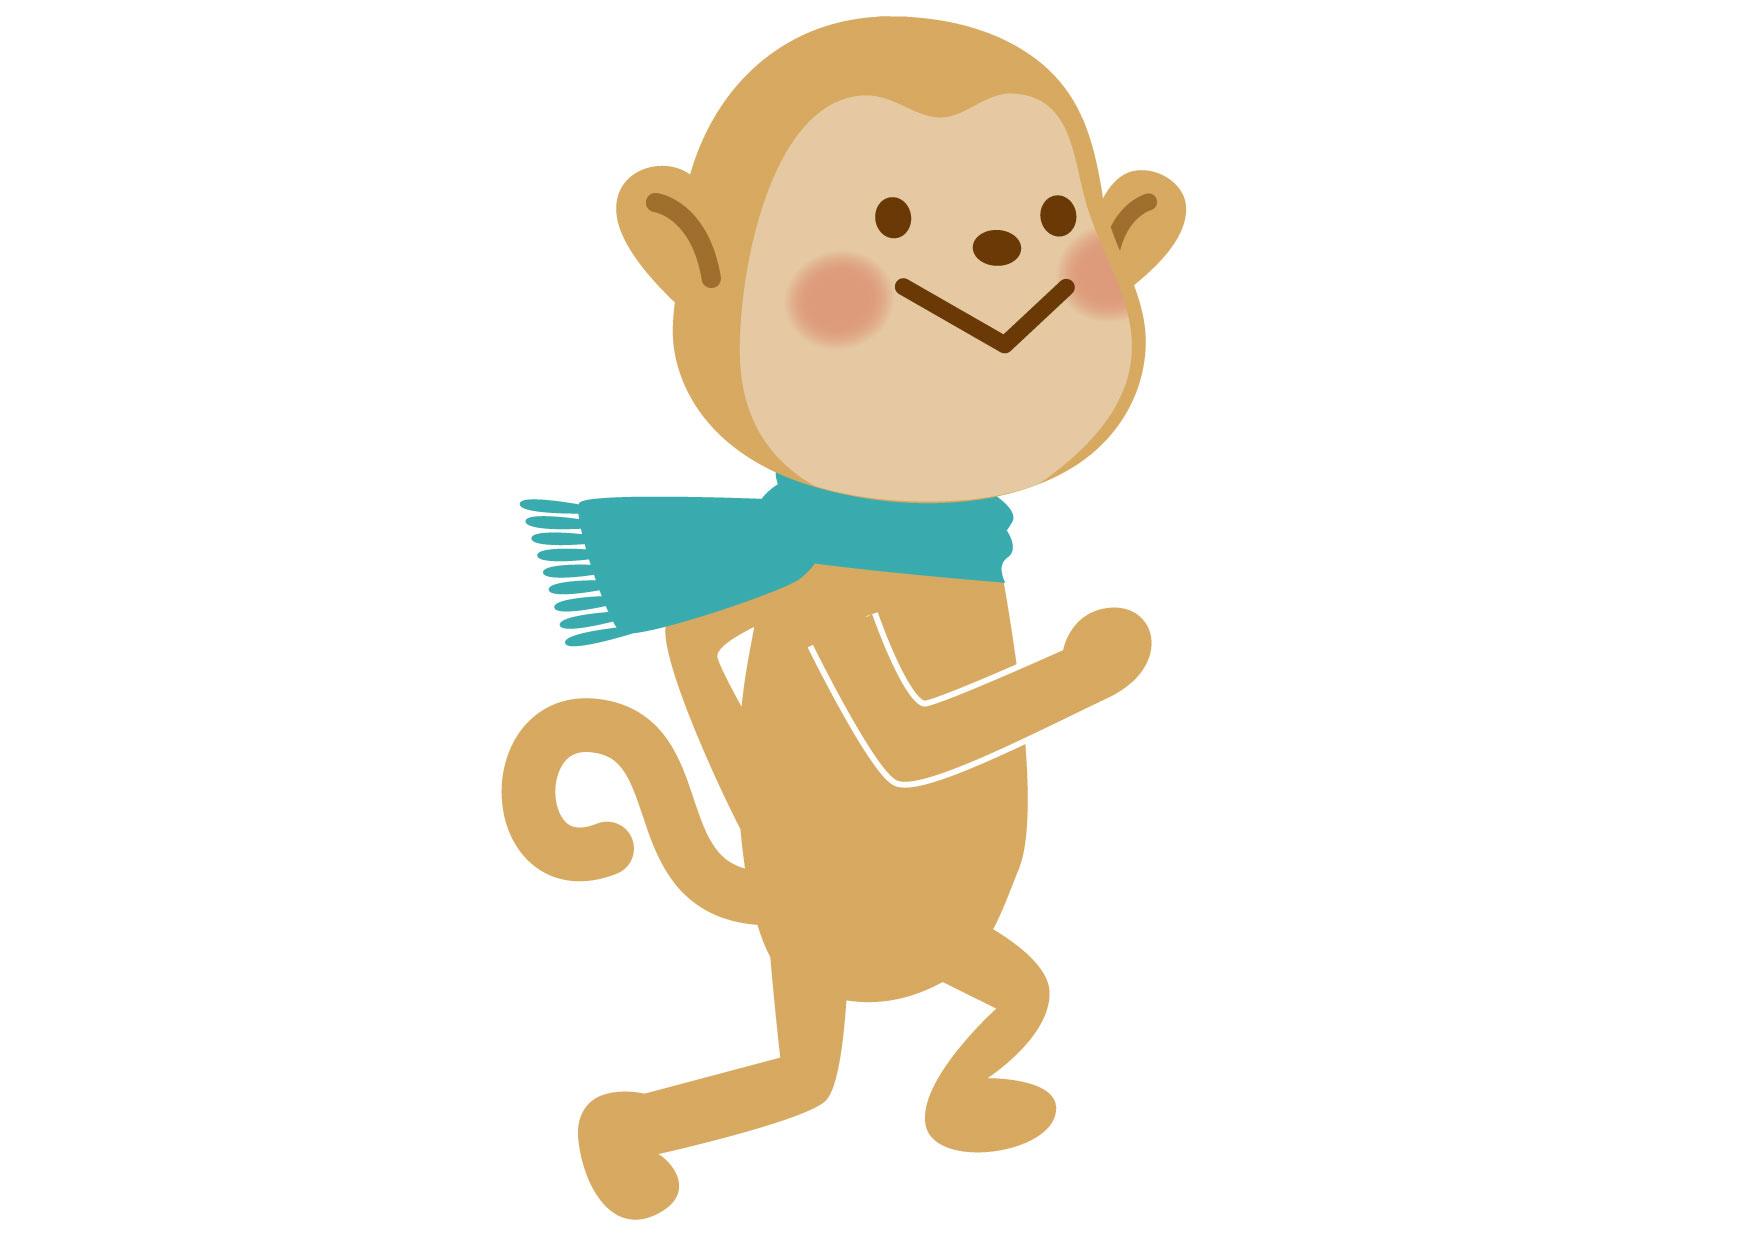 可愛いイラスト無料|猿 子供1 − free illustration Monkey child